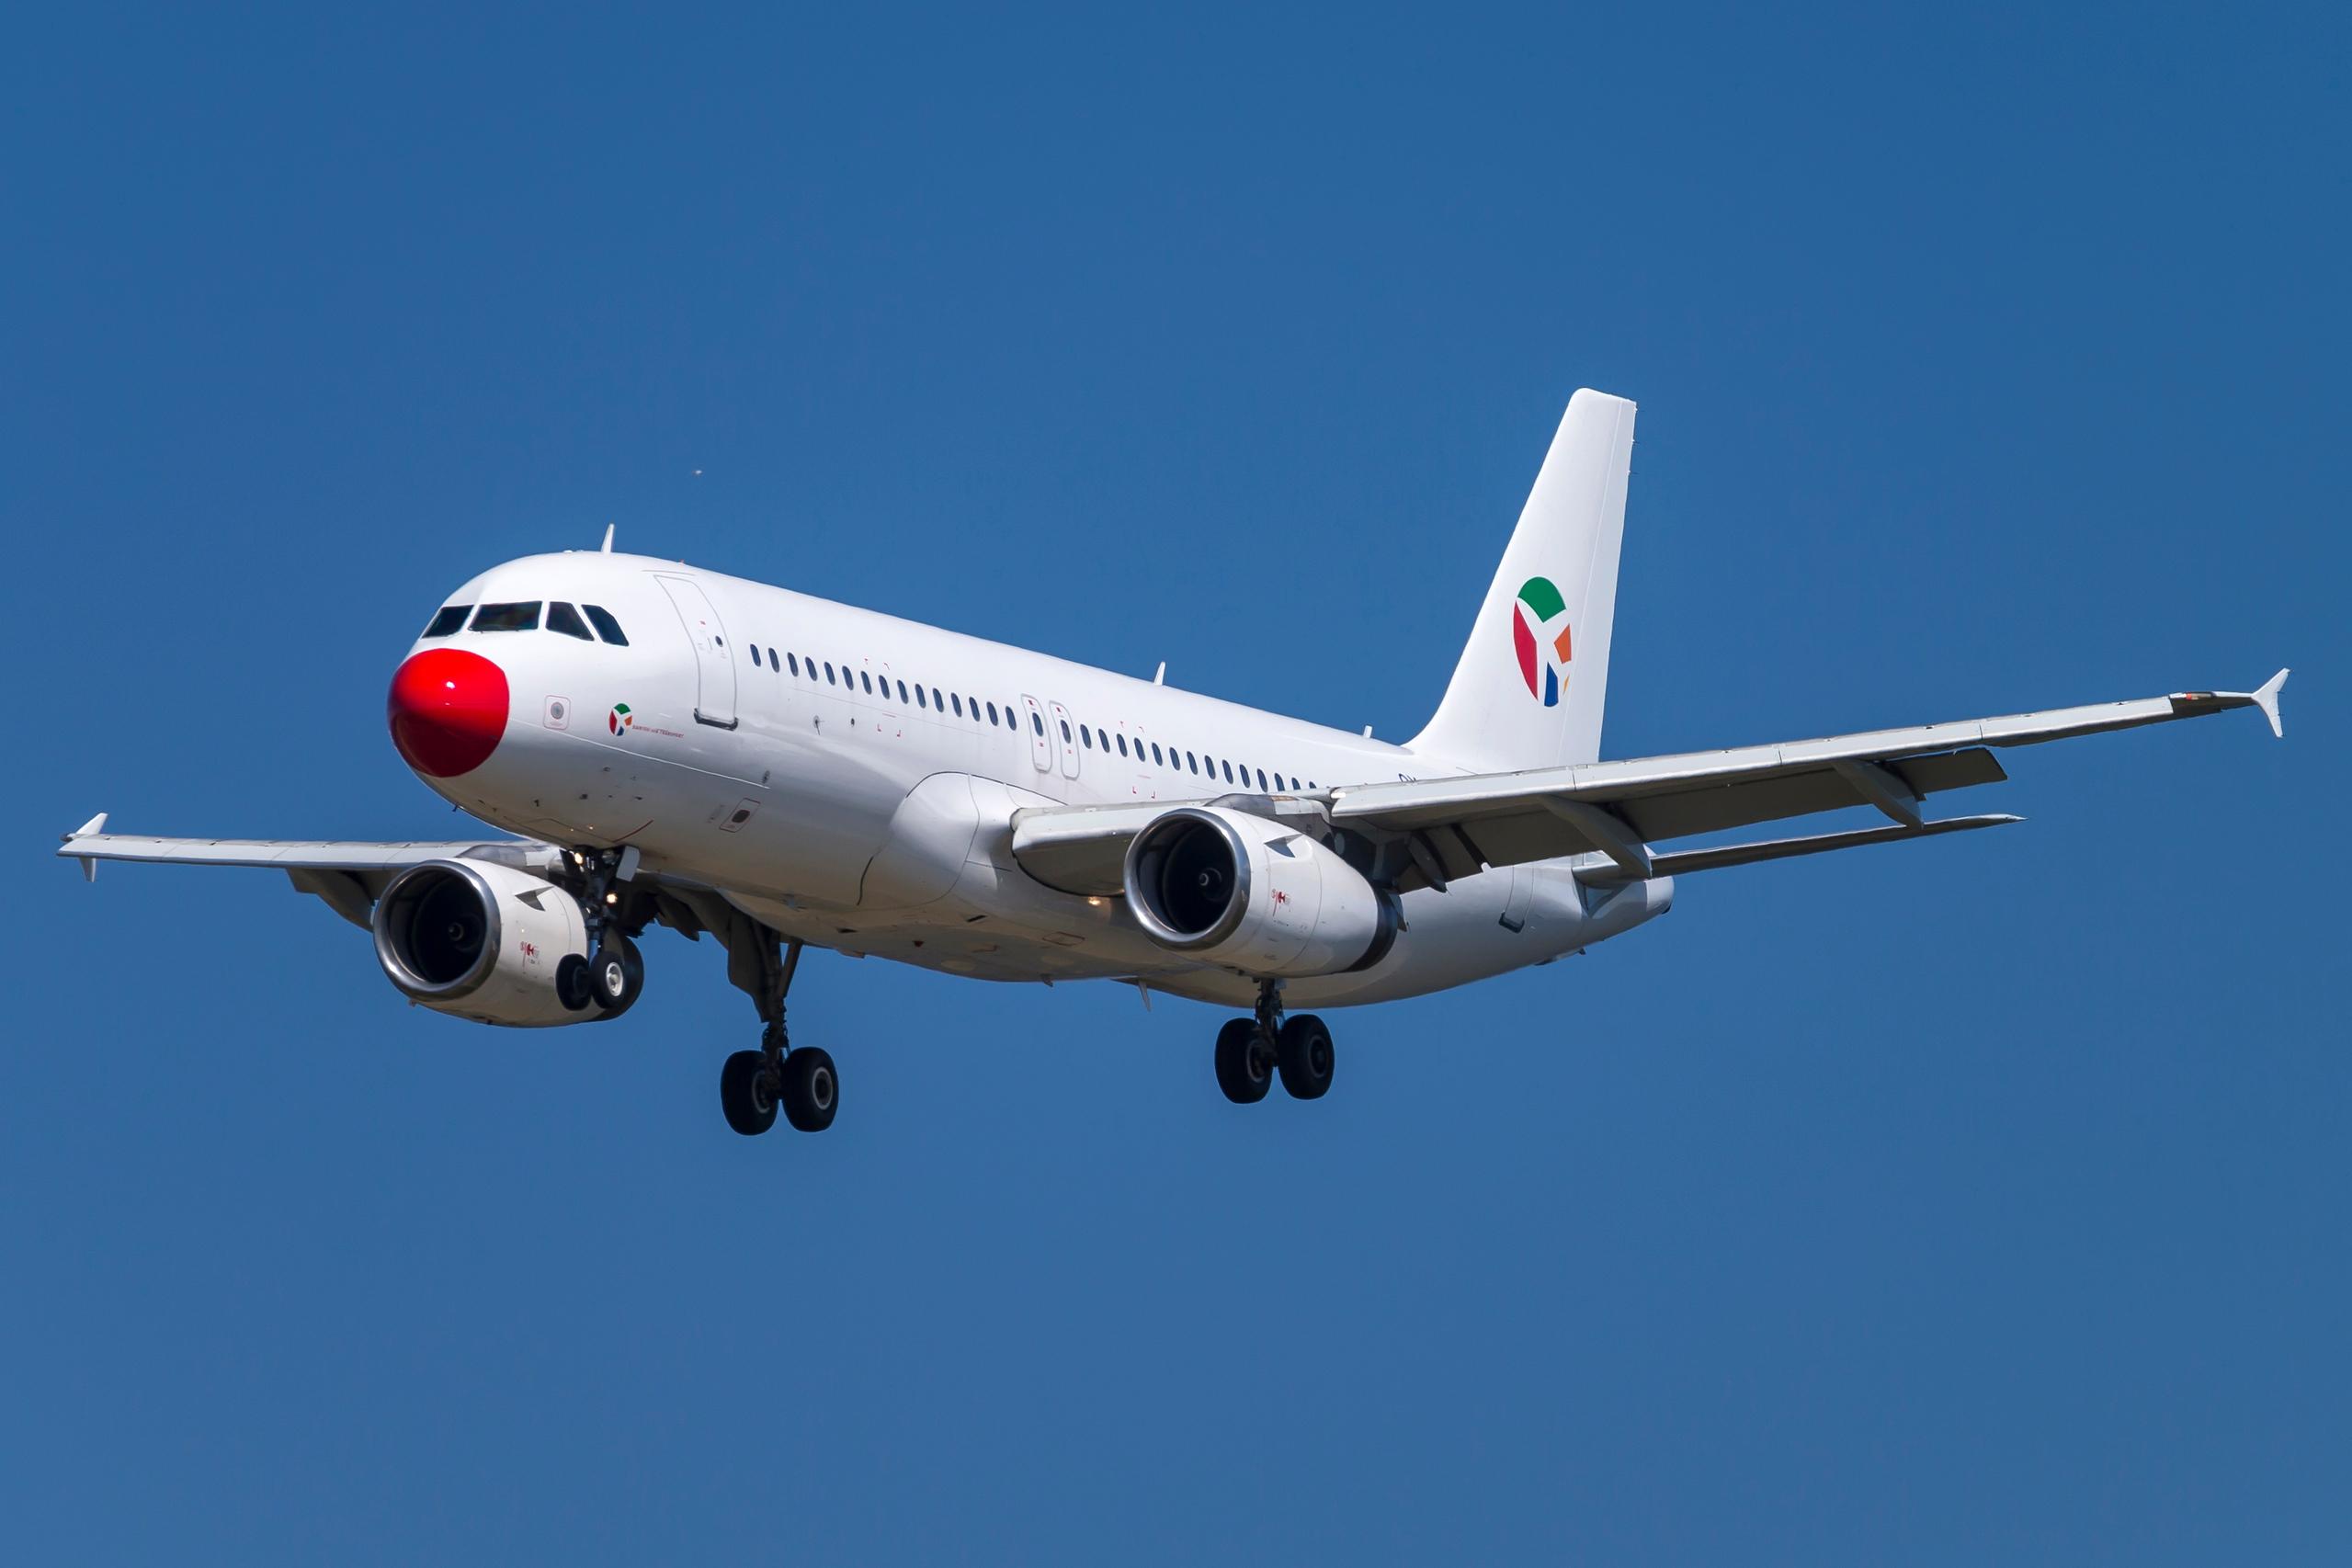 DAT lancerer særtilbud: Flyv med deres store Airbus til København for 199 kr.